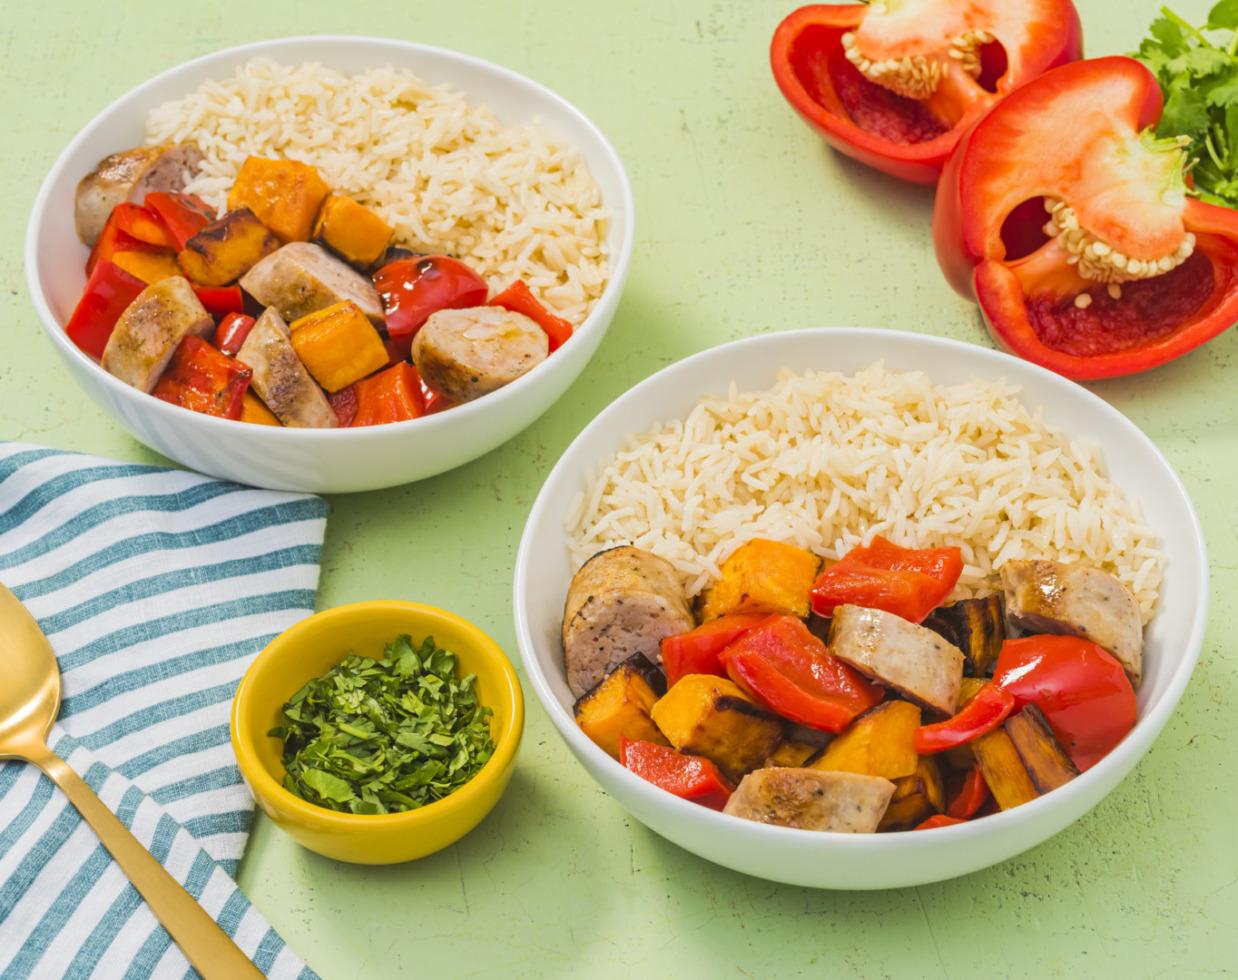 Turkey Sausage Sheet Pan Dinner Bowls